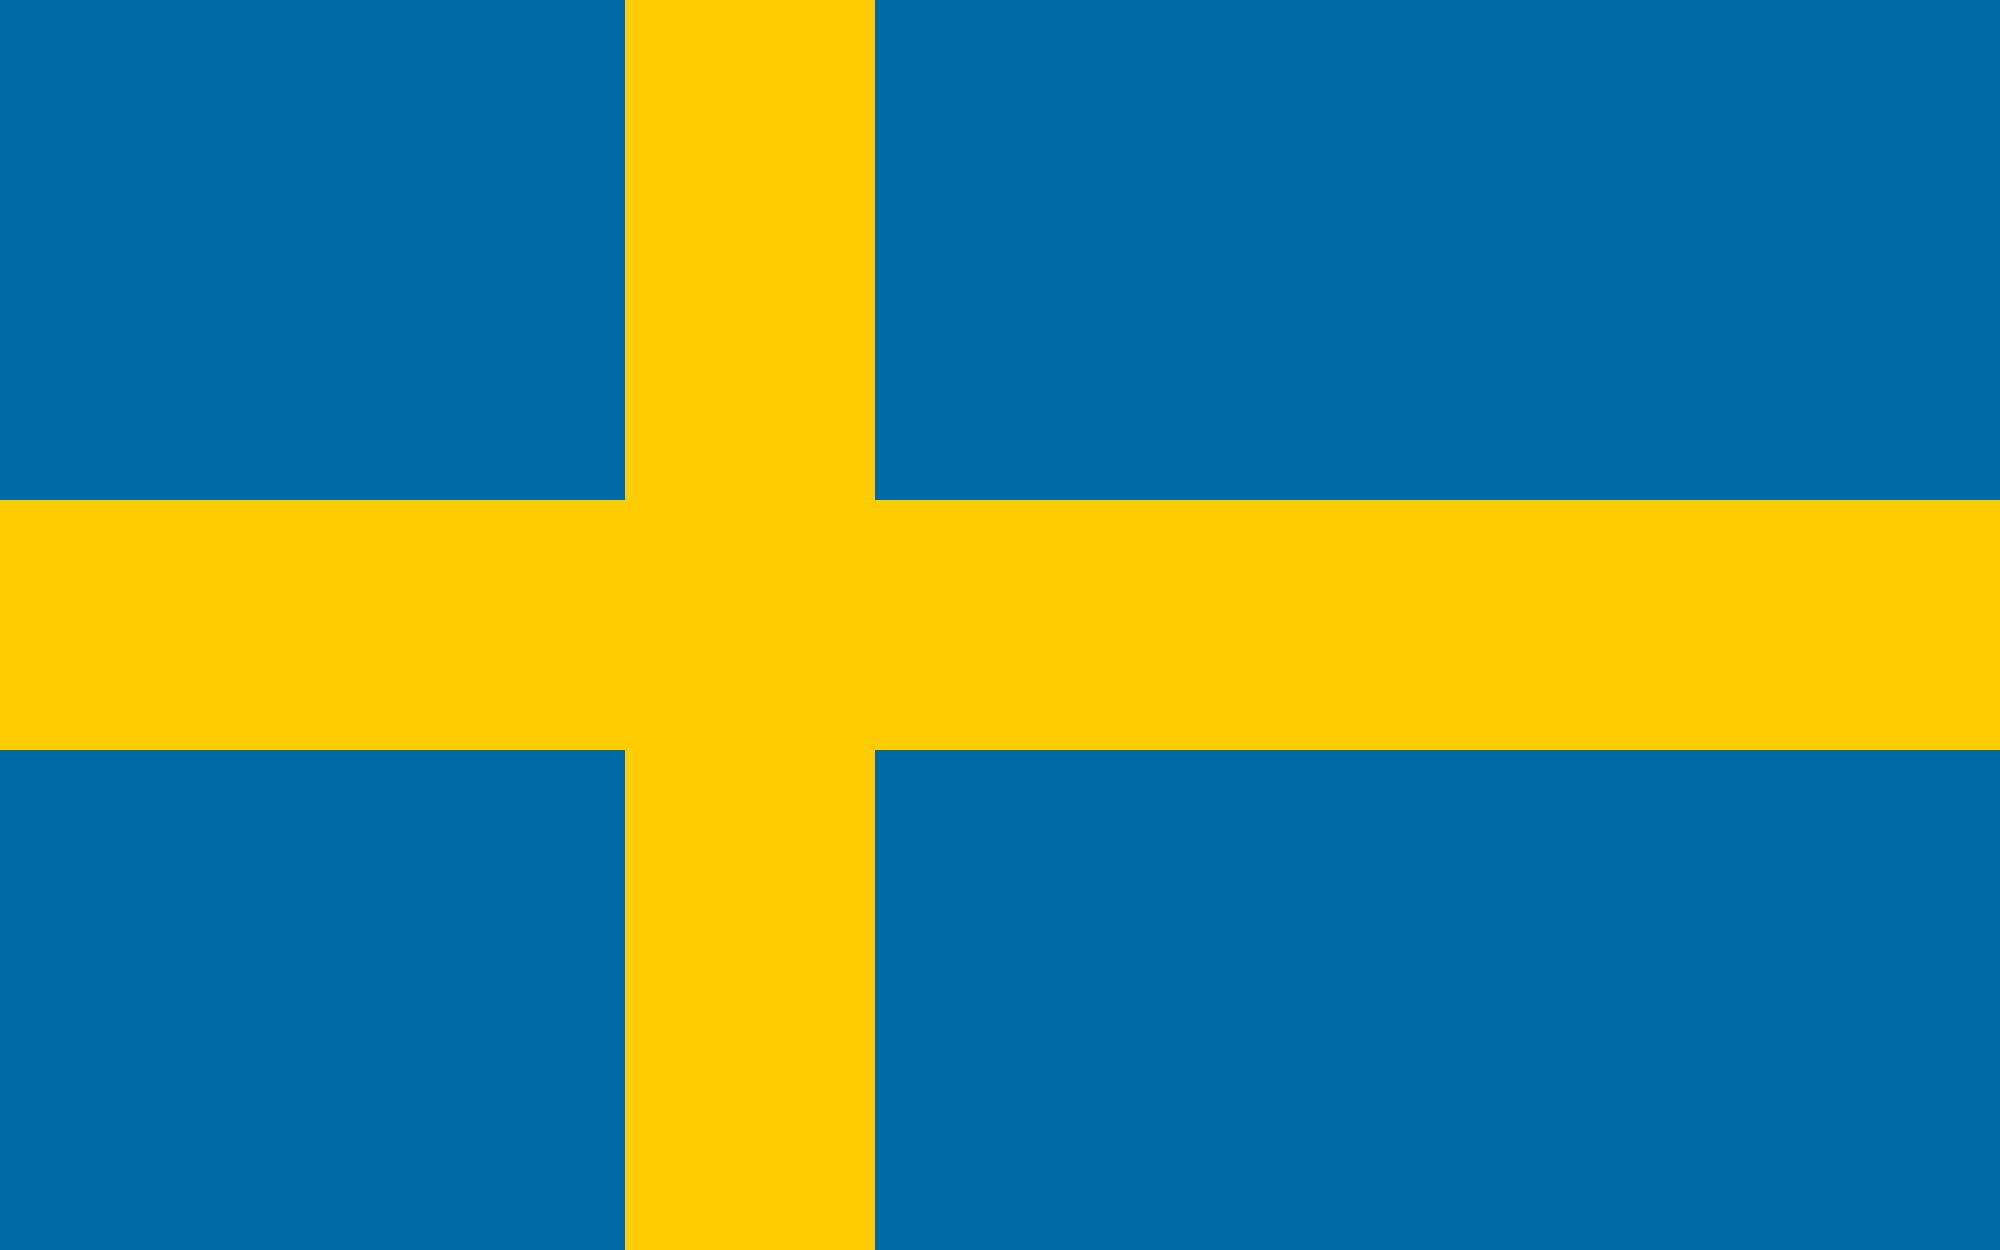 I contratti di lavoro in Europa - Svezia